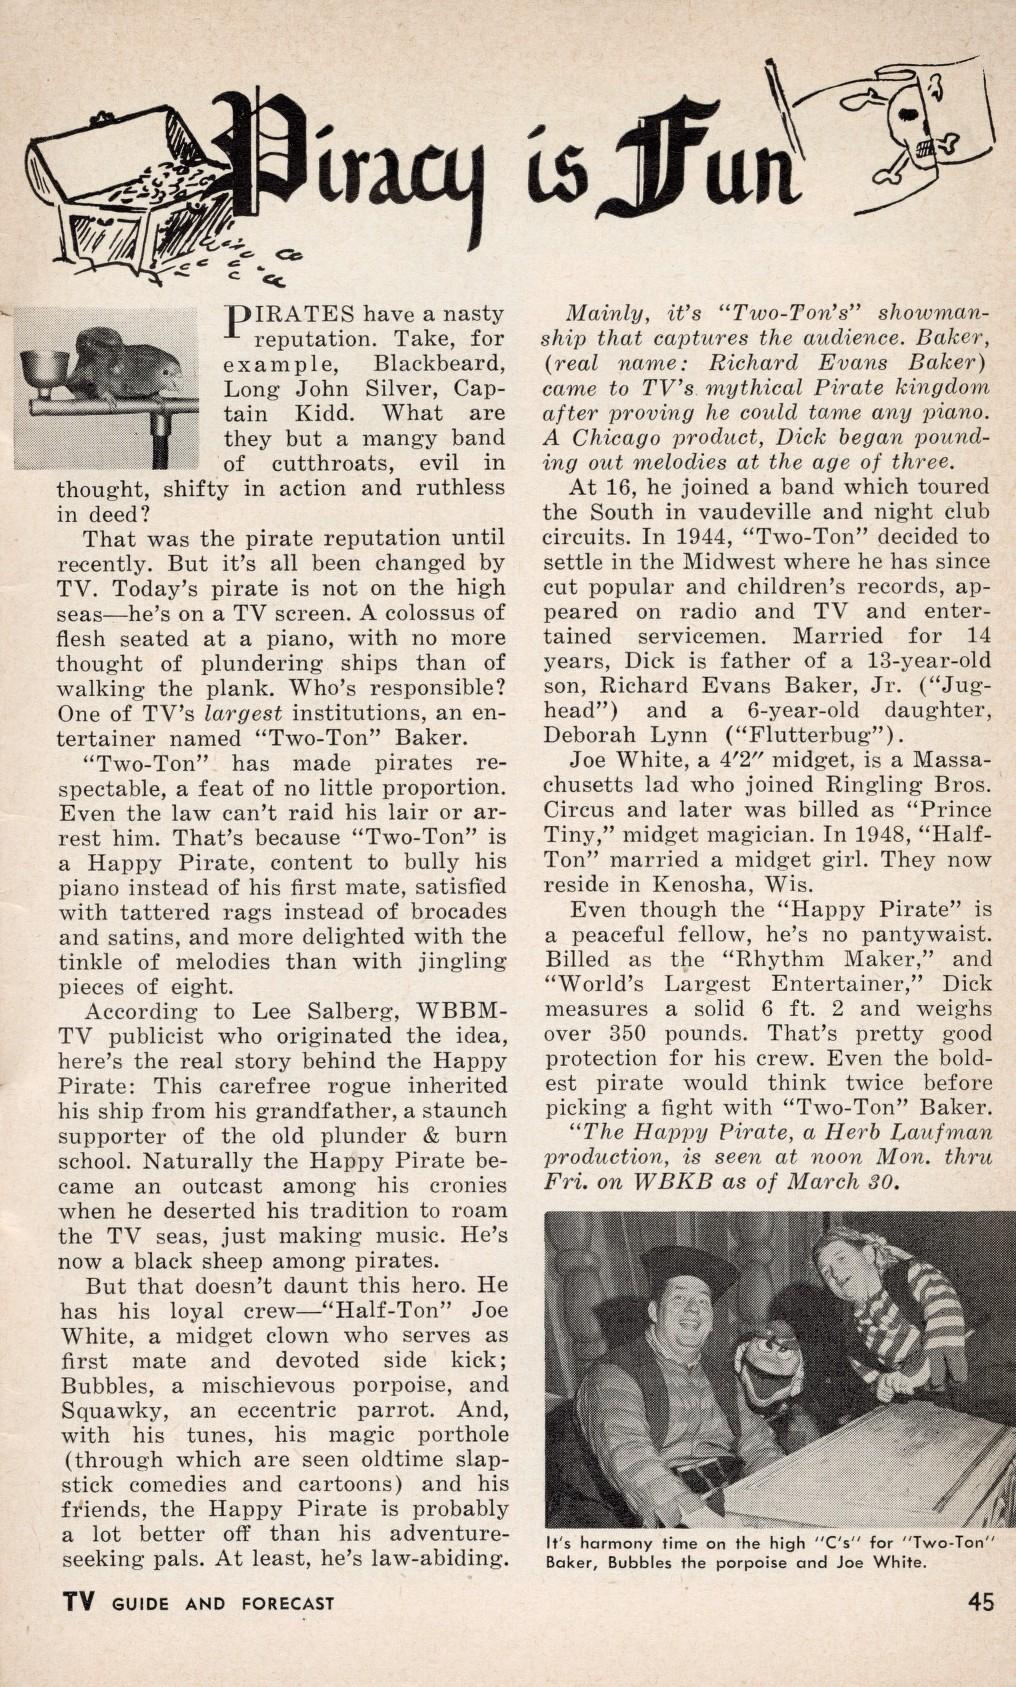 Tvforecast-chicago-1953-03-27_jp2.zip&file=tvforecast-chicago-1953-03-27_jp2%2ftvforecast-chicago-1953-03-27_0044